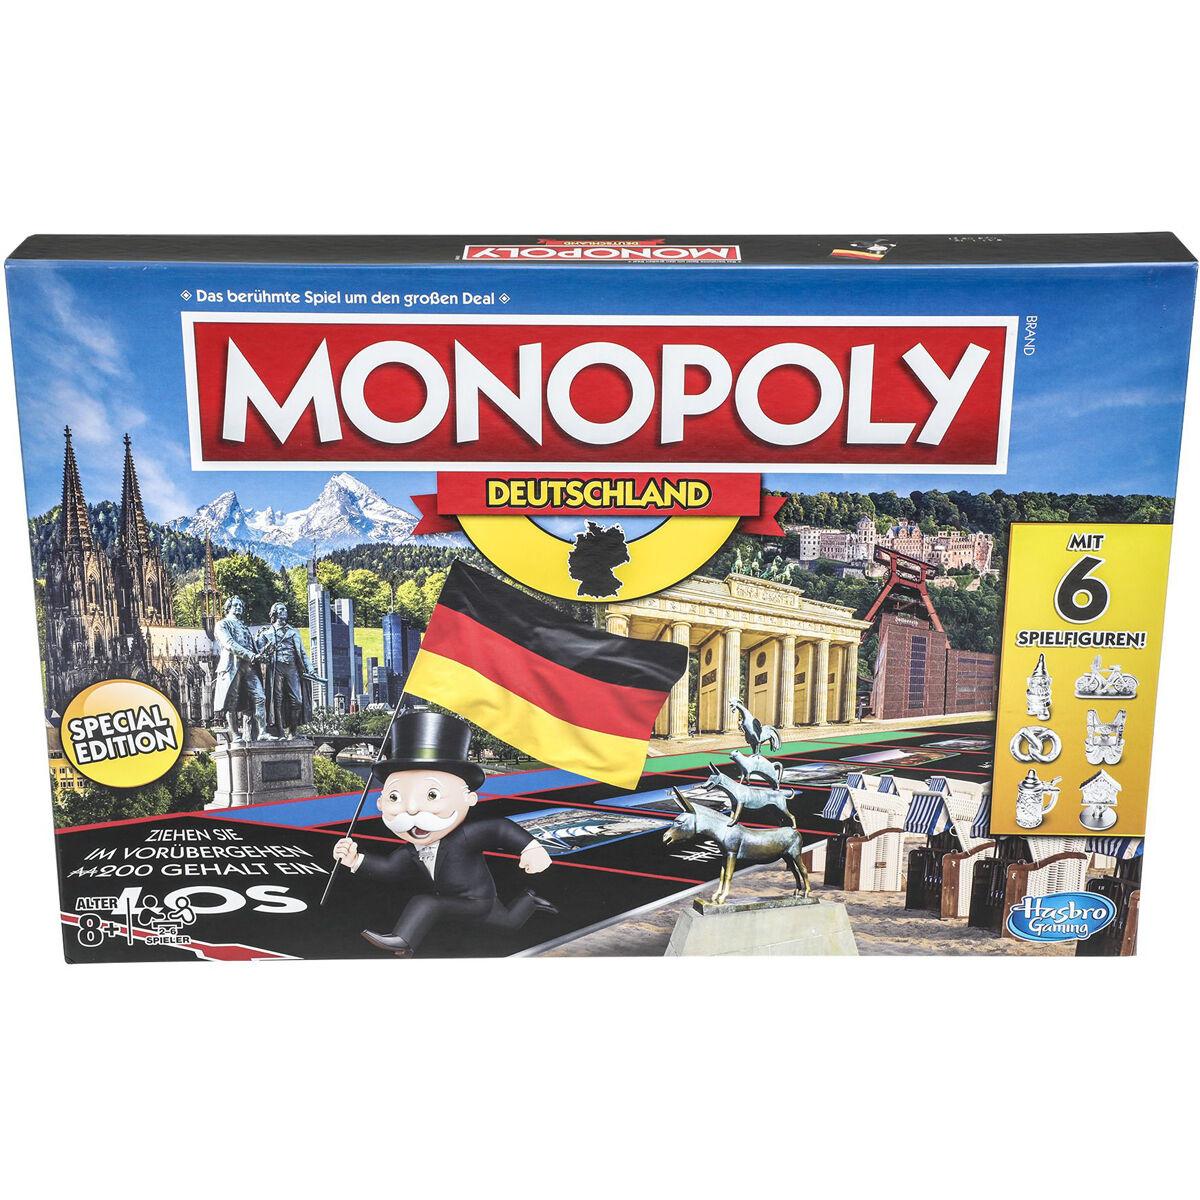 ( Filiallieferung Galerie Kaufhof Karstadt) Hasbro Monopoly DeutschlandD